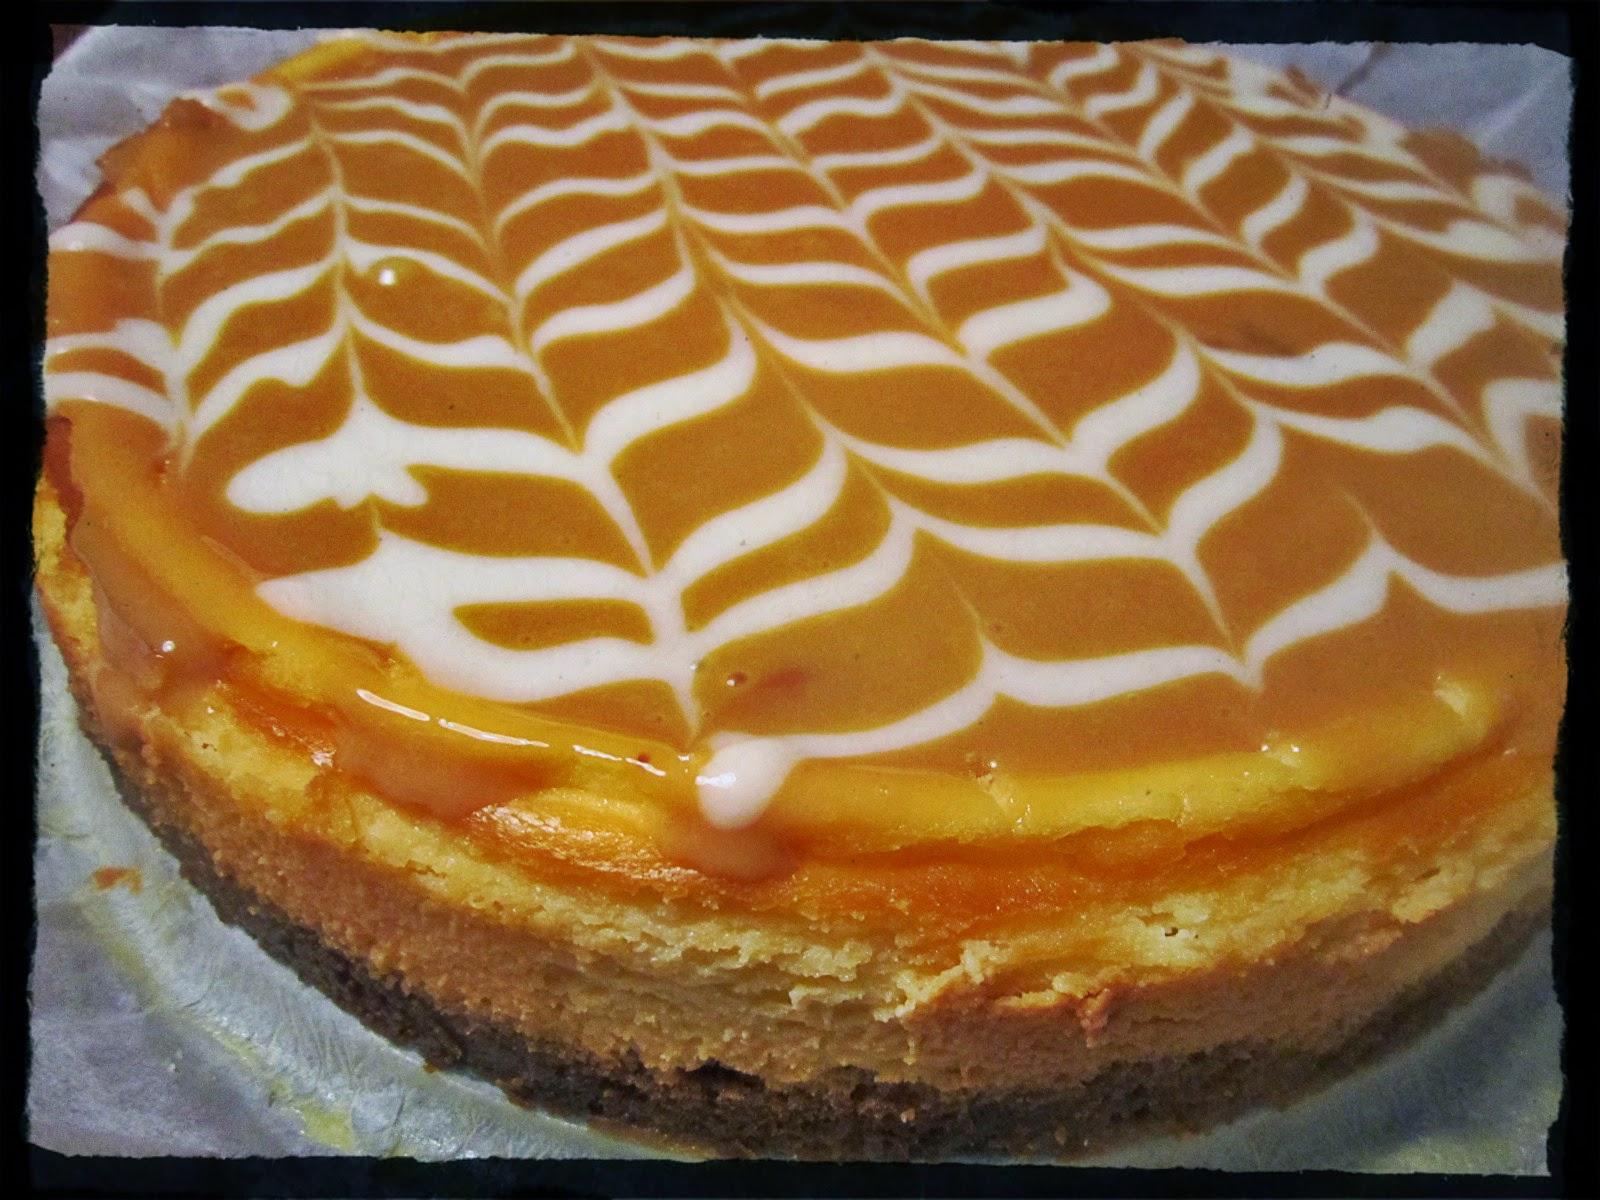 Petra Gaat De Keuken In Dulce De Leche Cheesecake